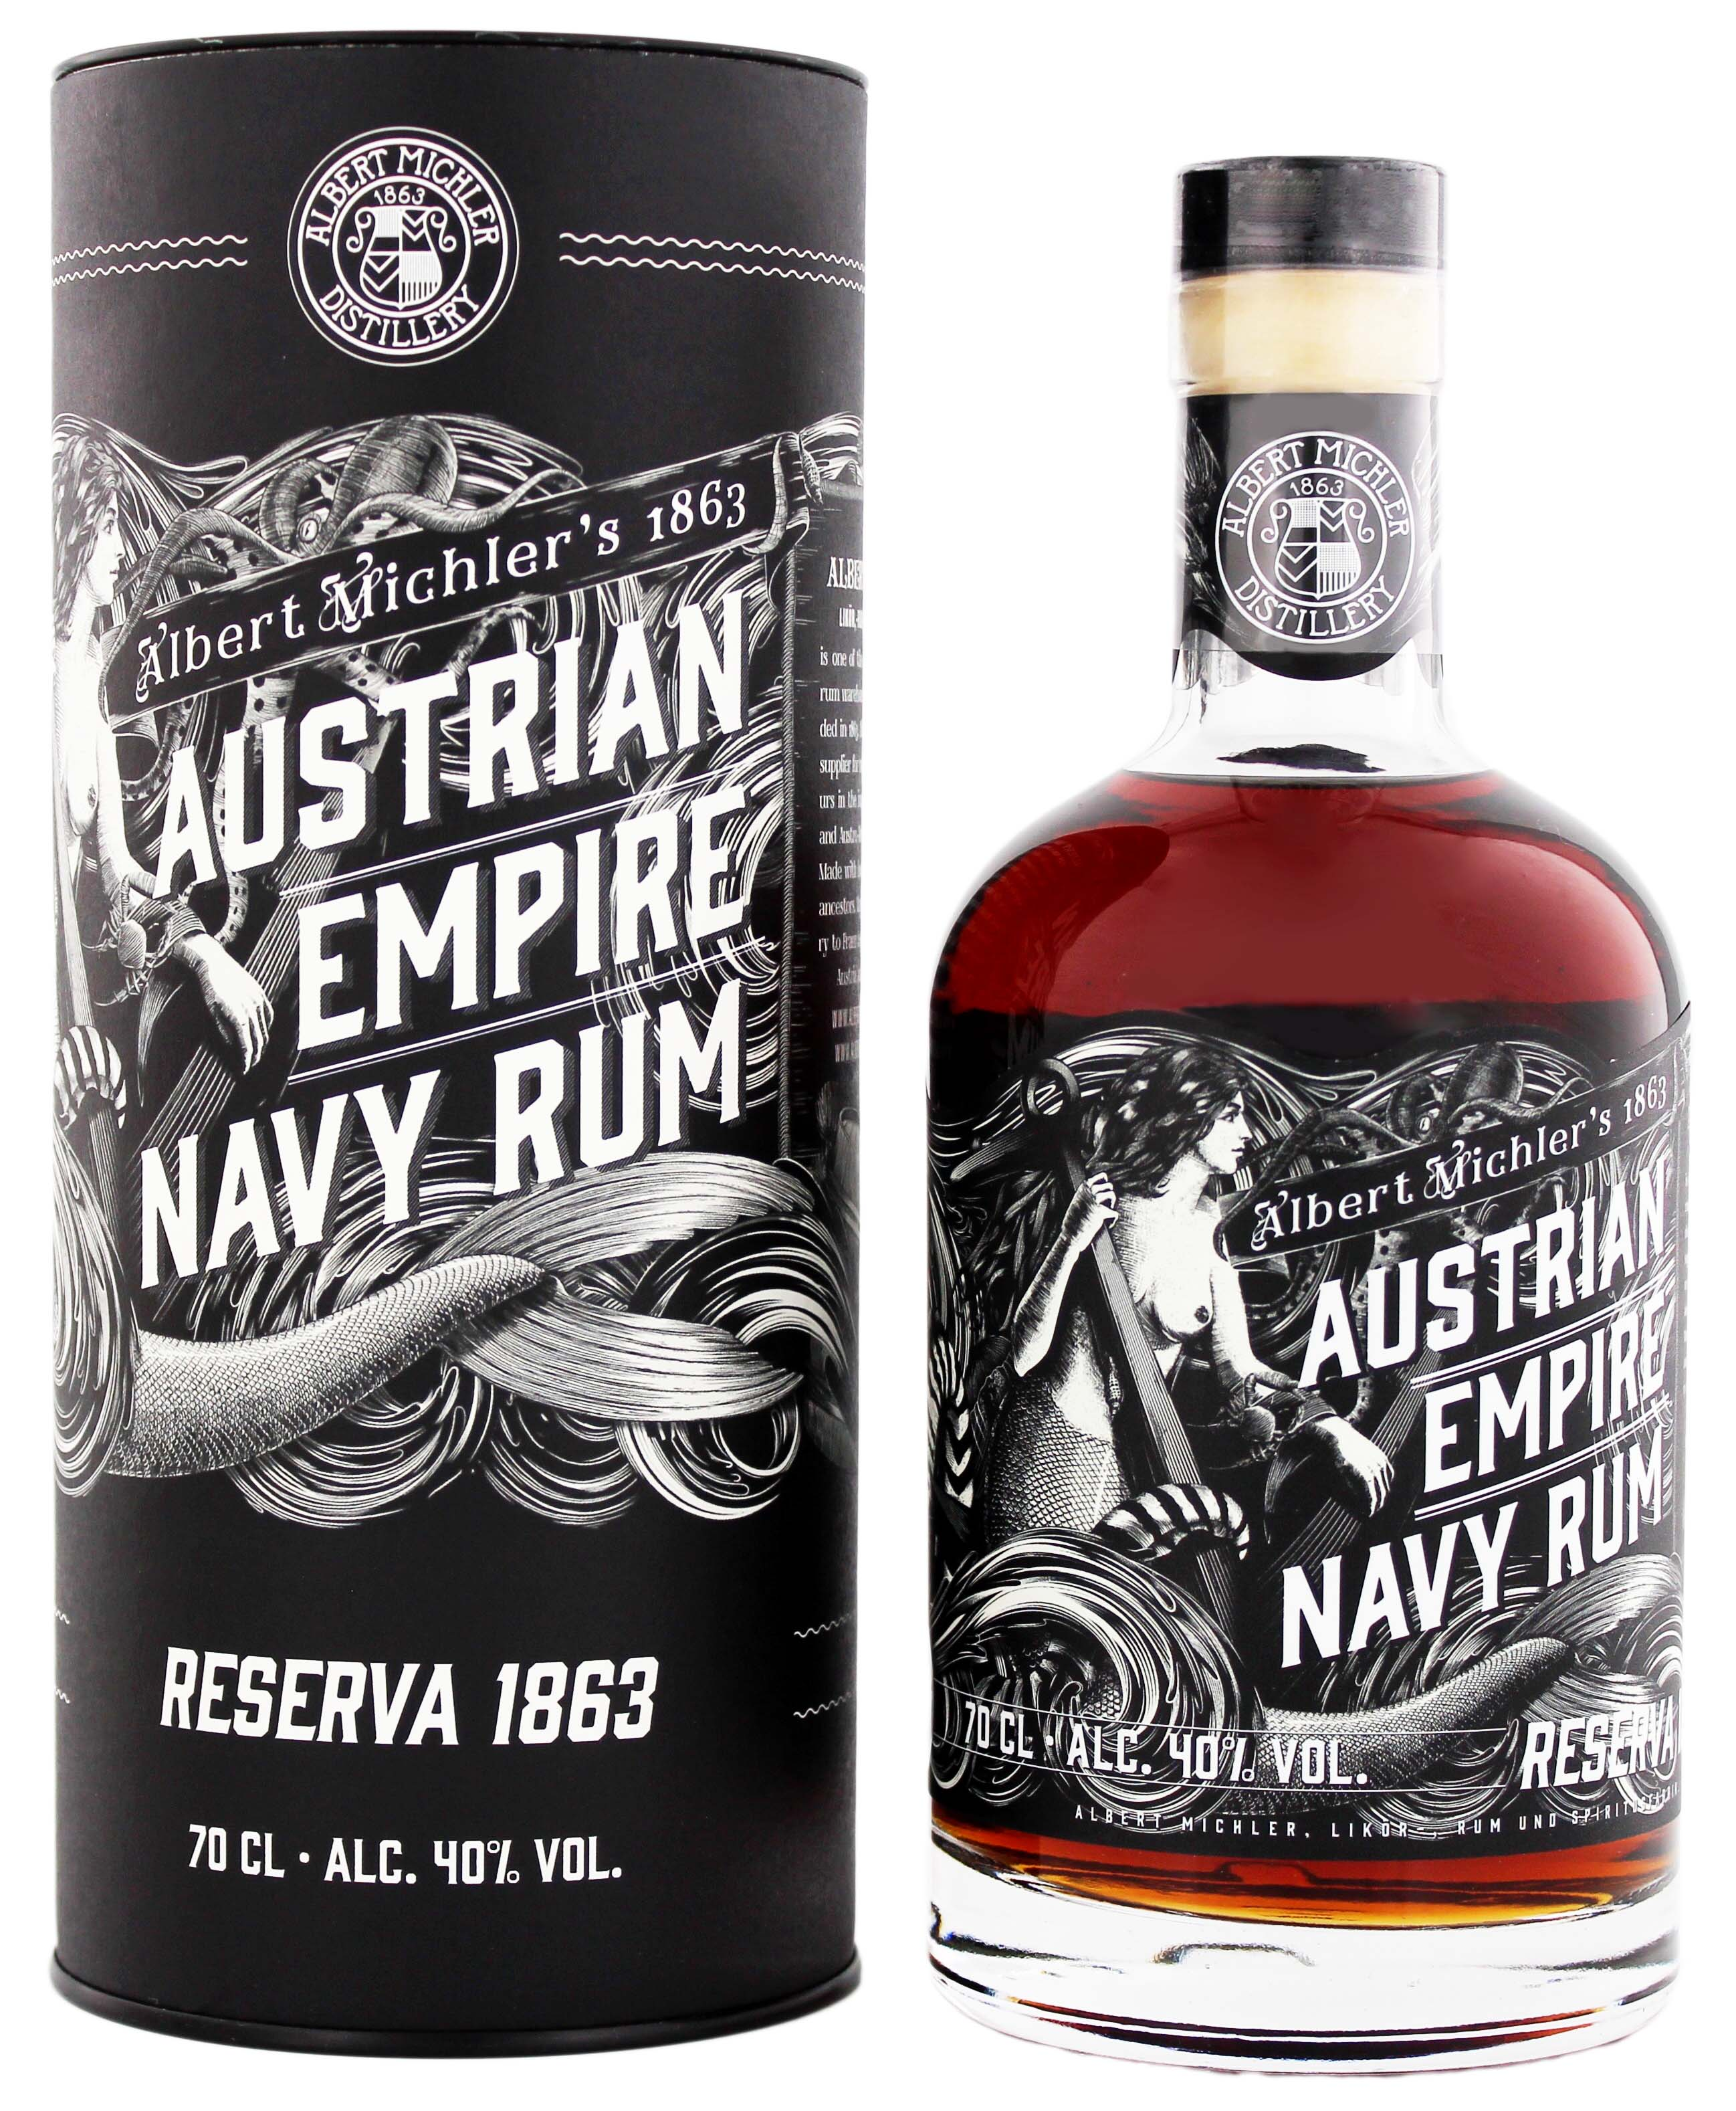 Austrian Empire Navy Reserva 1863 0,7L